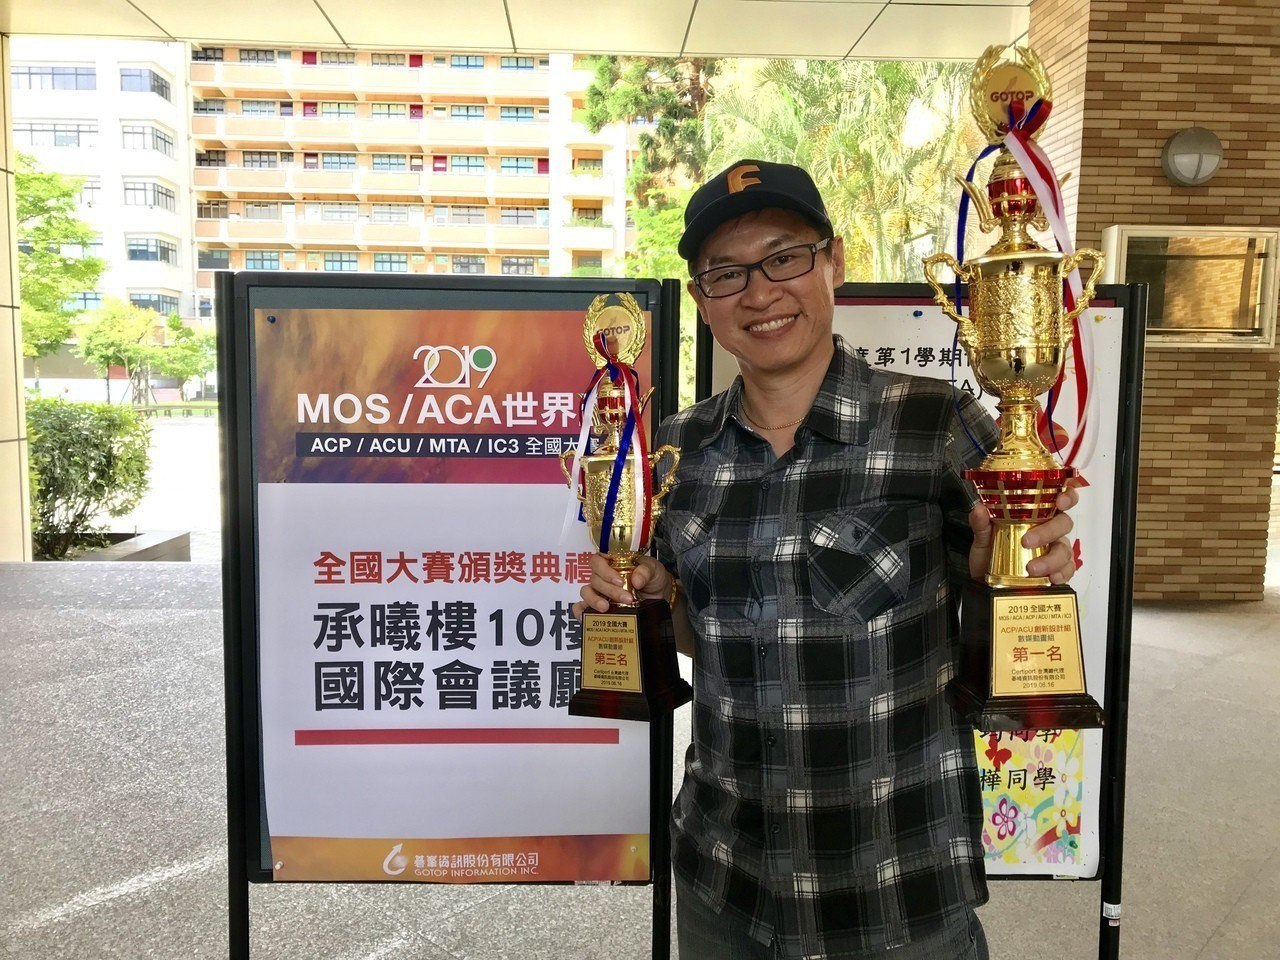 崑山科大視傳系師生贏得大專組數媒動畫全國第一,鄧偉炘也獲頒指導老師獎。圖/學生提...